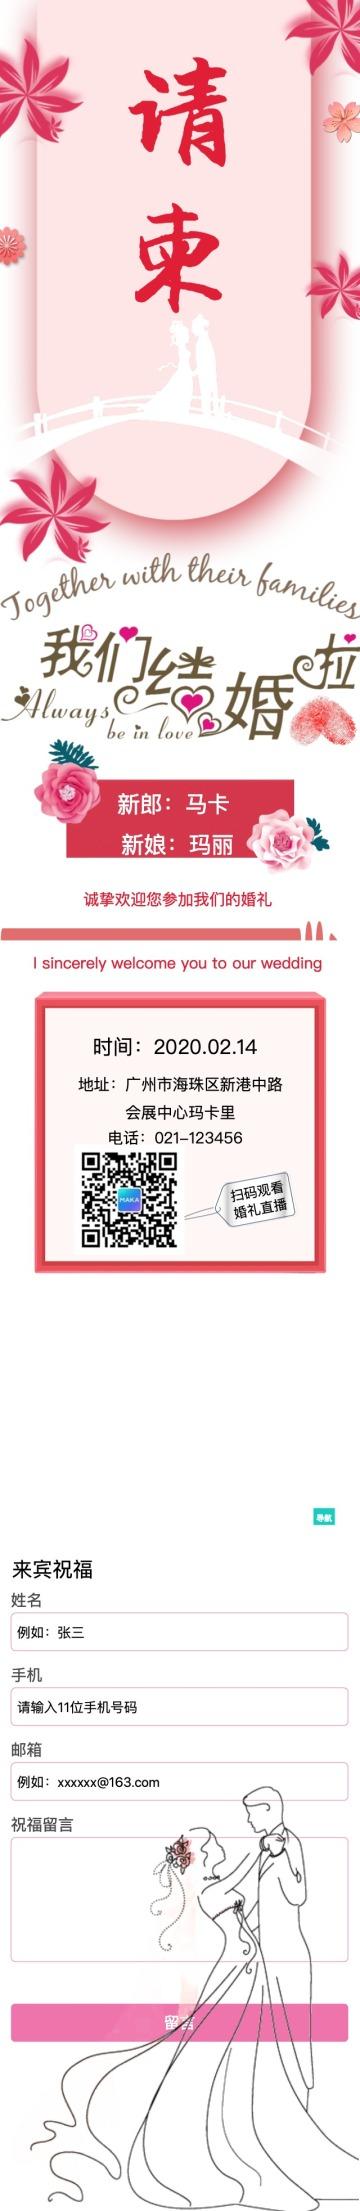 唯美浪漫婚礼单页宣传活动推广